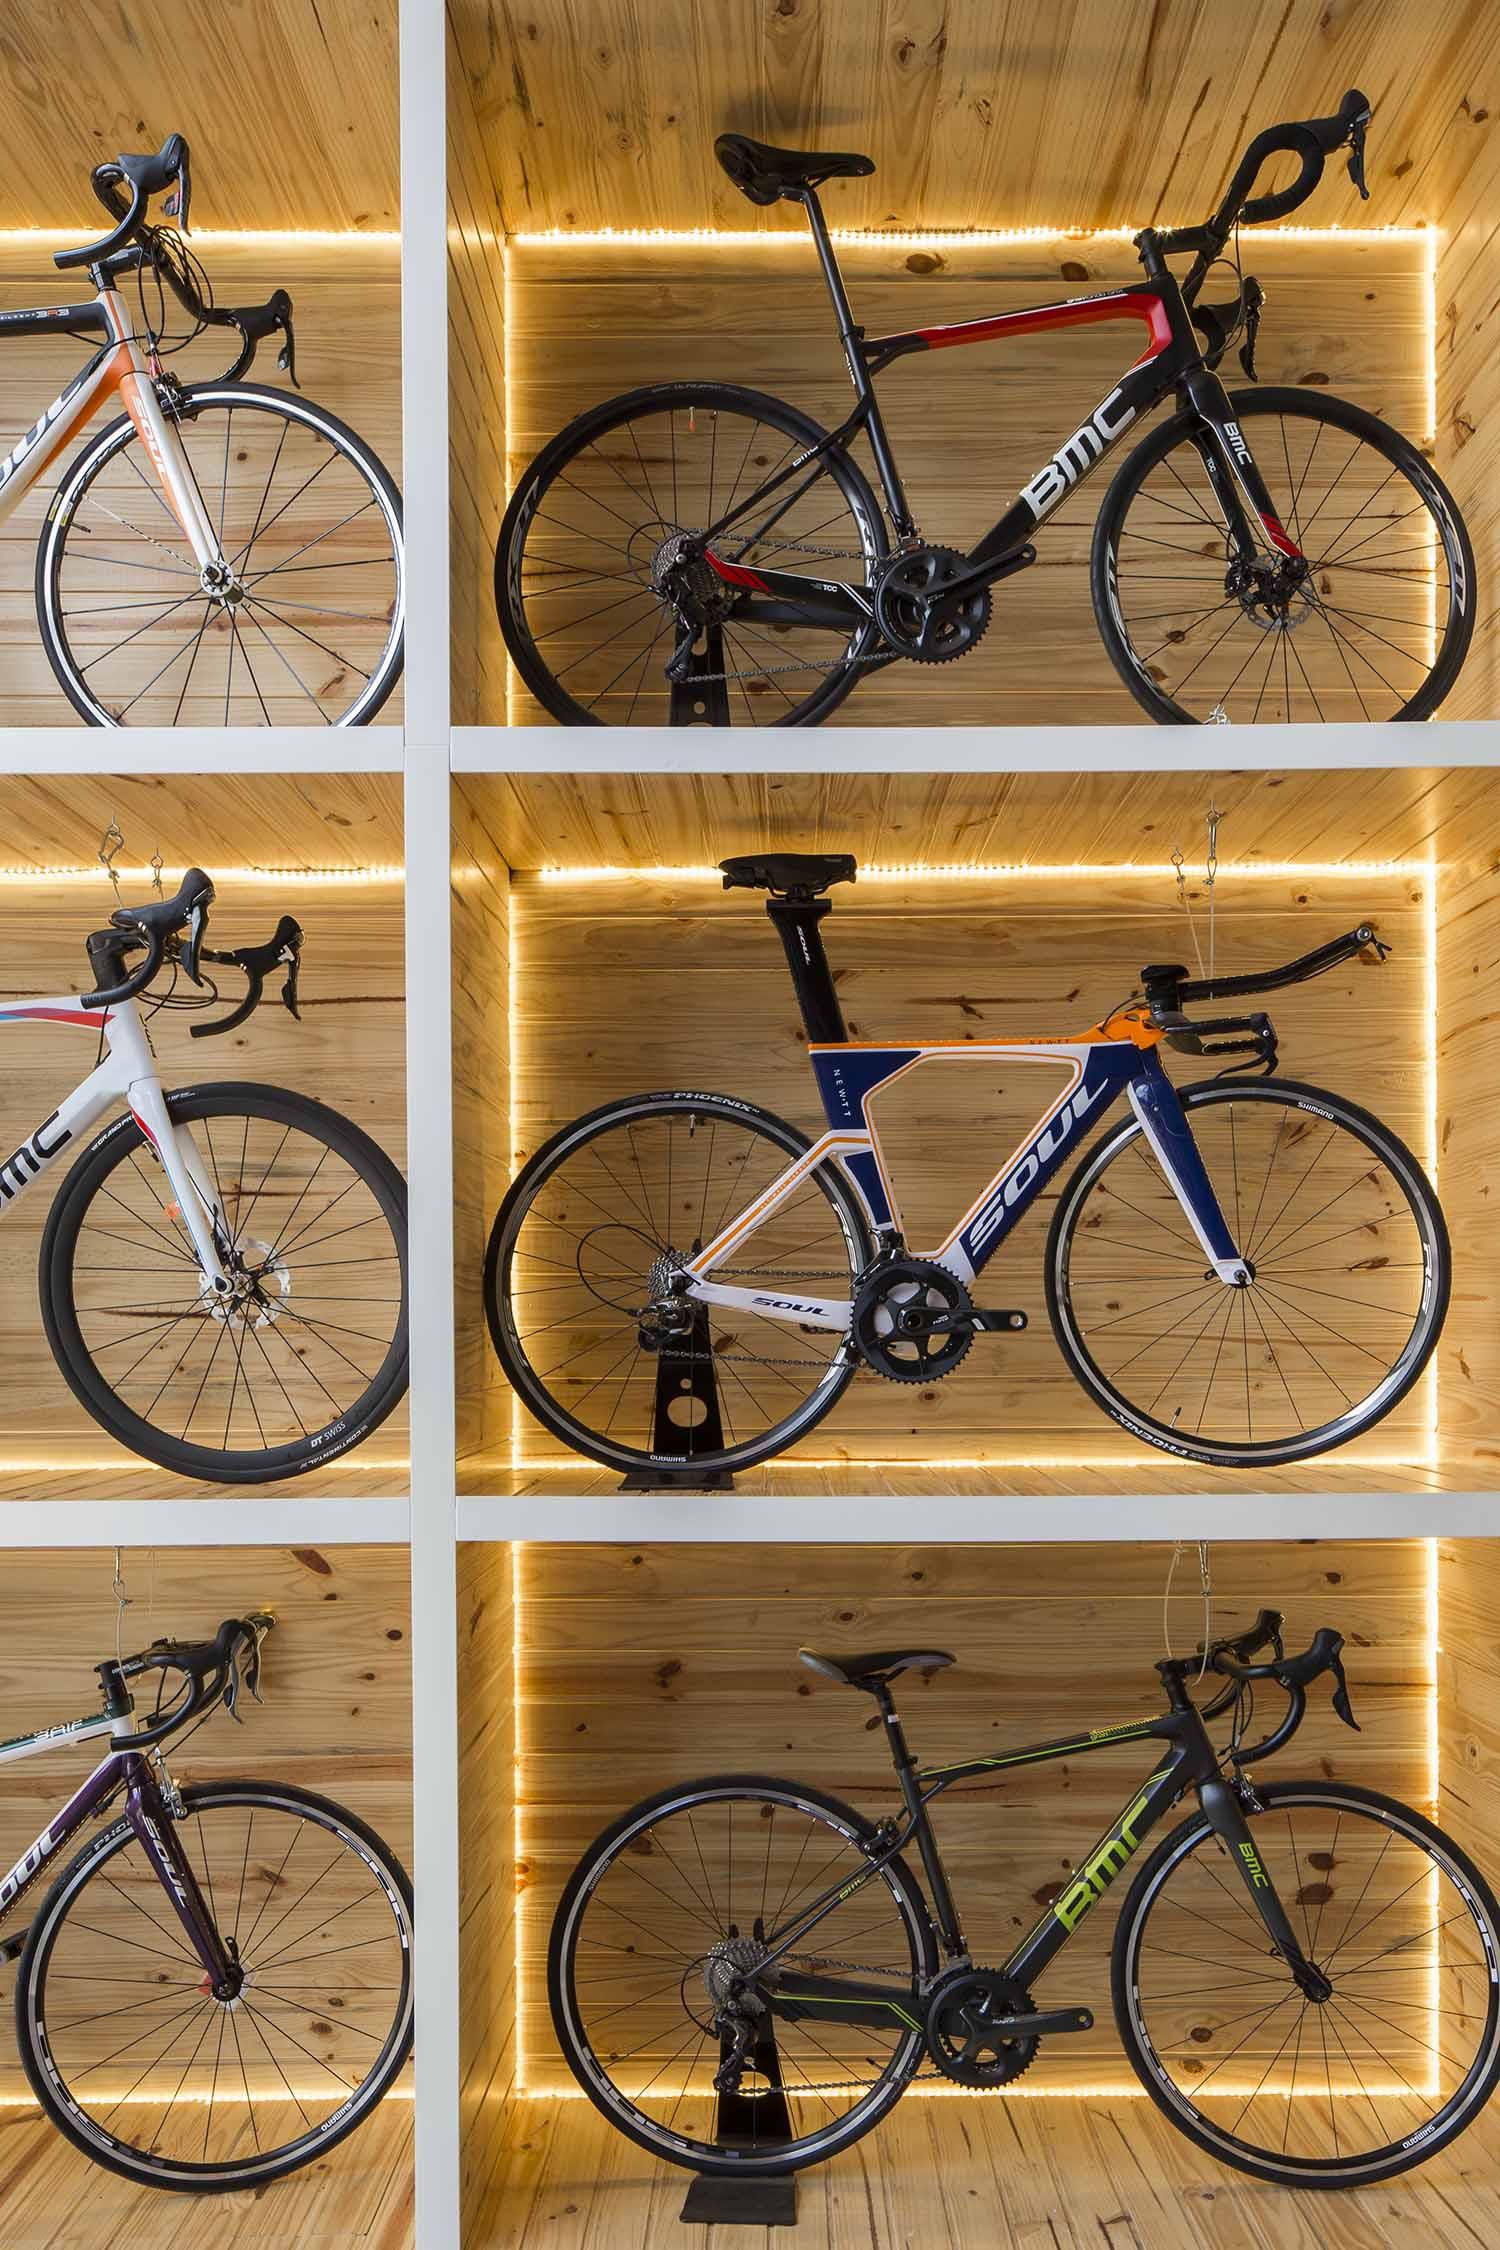 02-bicicletaria-faria-lima